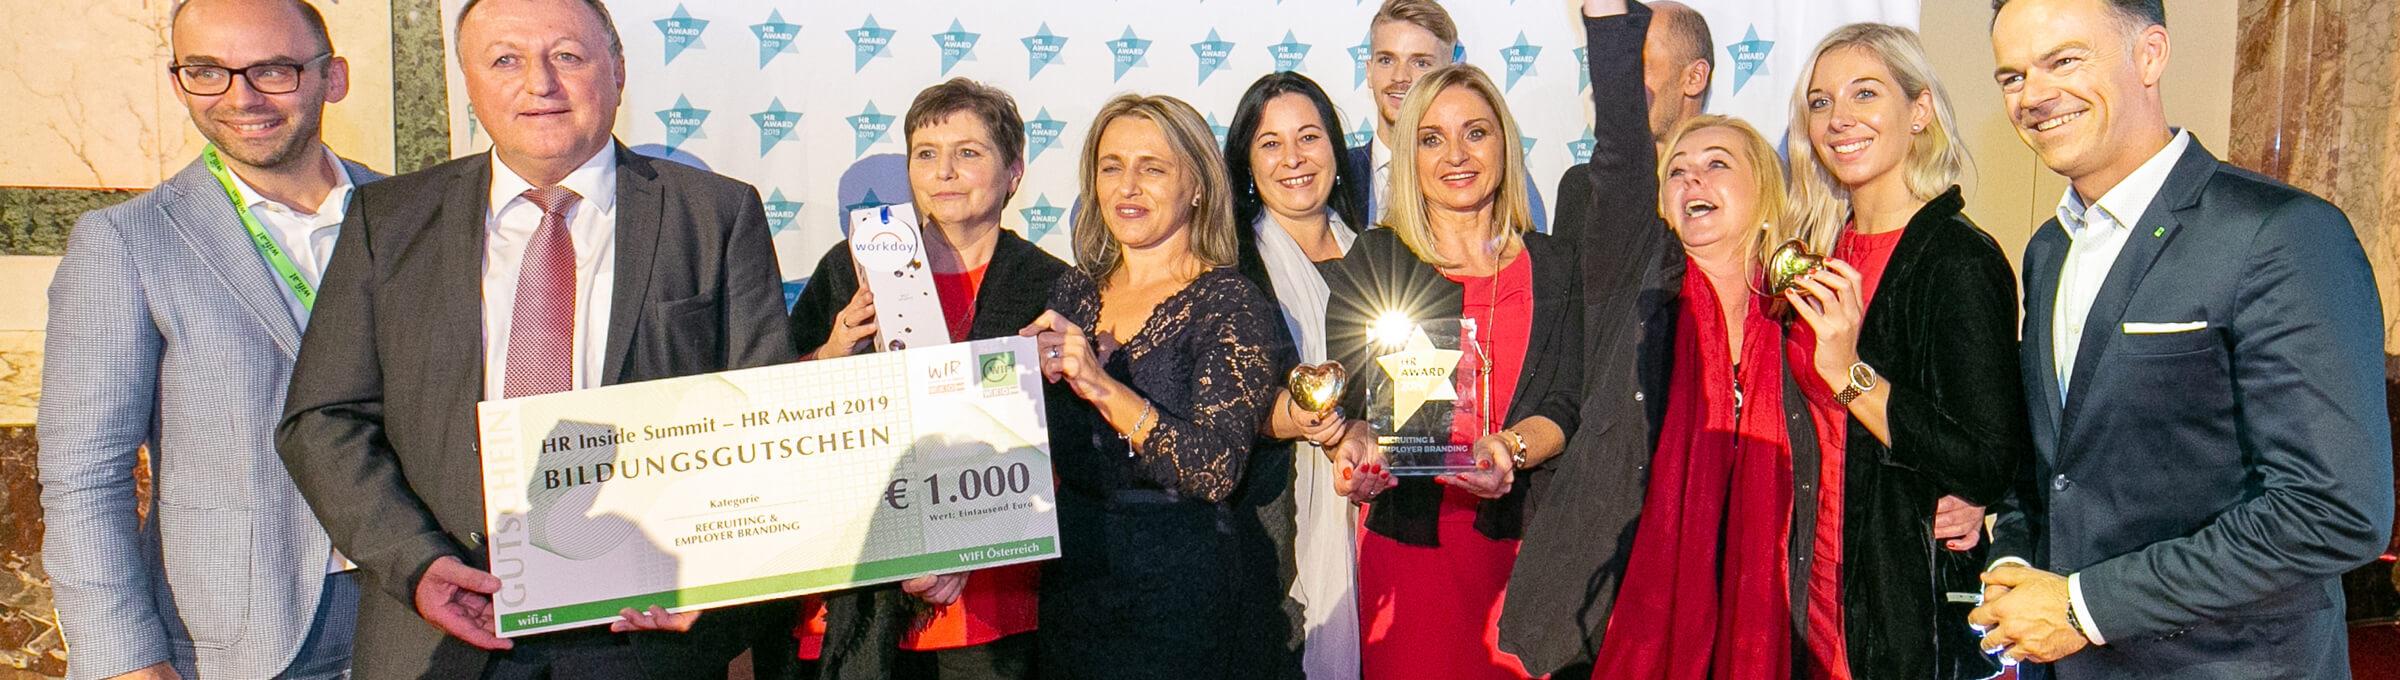 Bild HR Awards